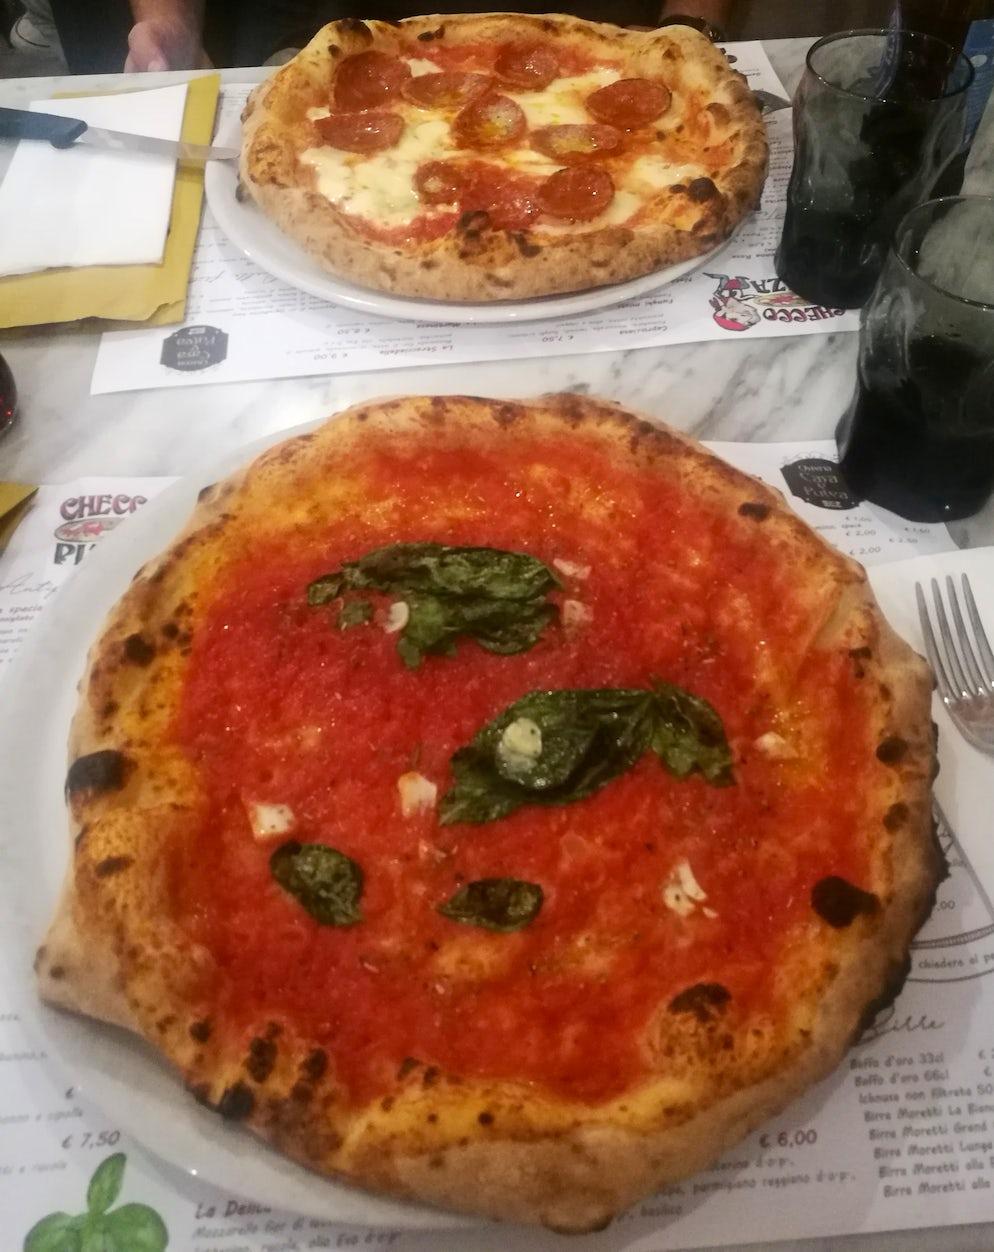 Pizza Marinara and Salame e Zola at Checco Pizza